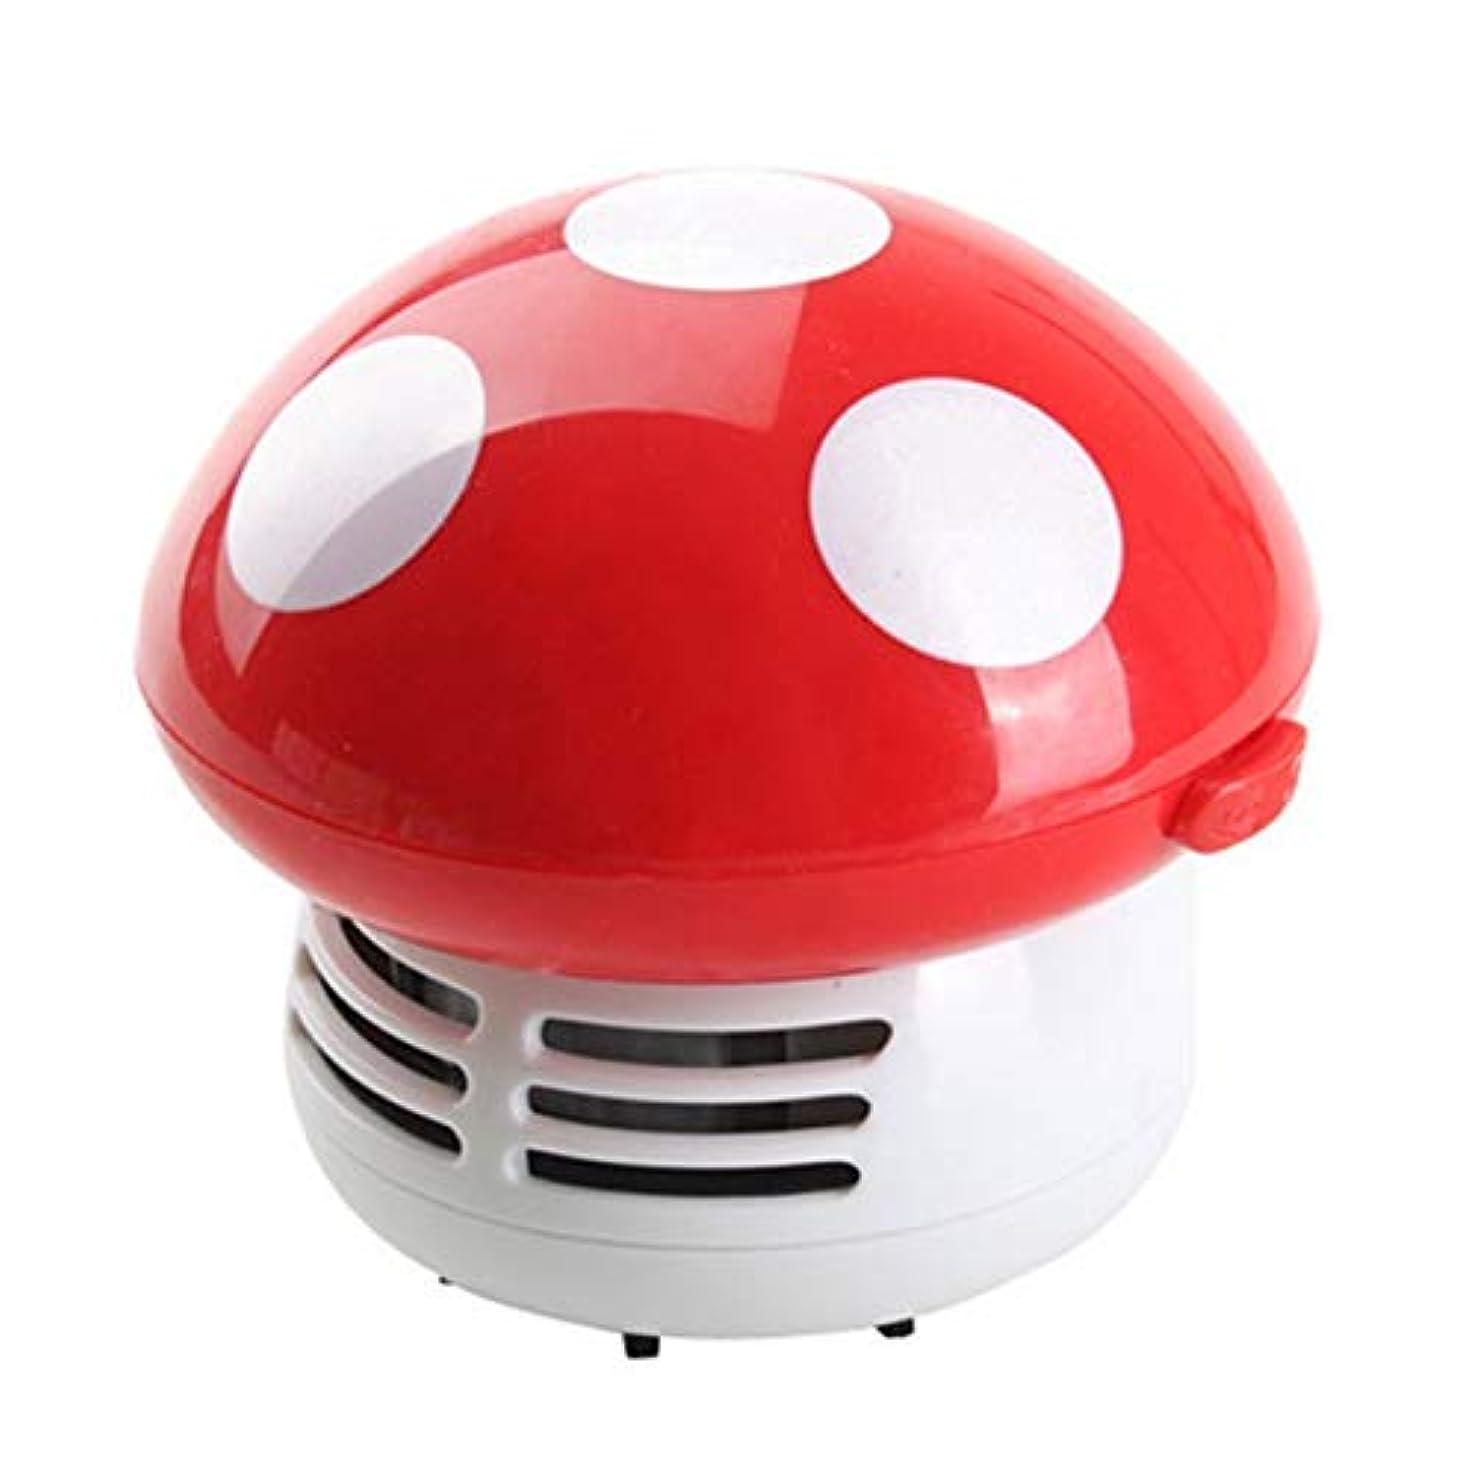 手がかり後者アクティビティSaikogoods ミニ きのこ デスククリーナー 掃除機 カー家庭用コンピュータのためのかわいい コーナーデスクテーブルクリーナー 集塵機 スイーパー 赤